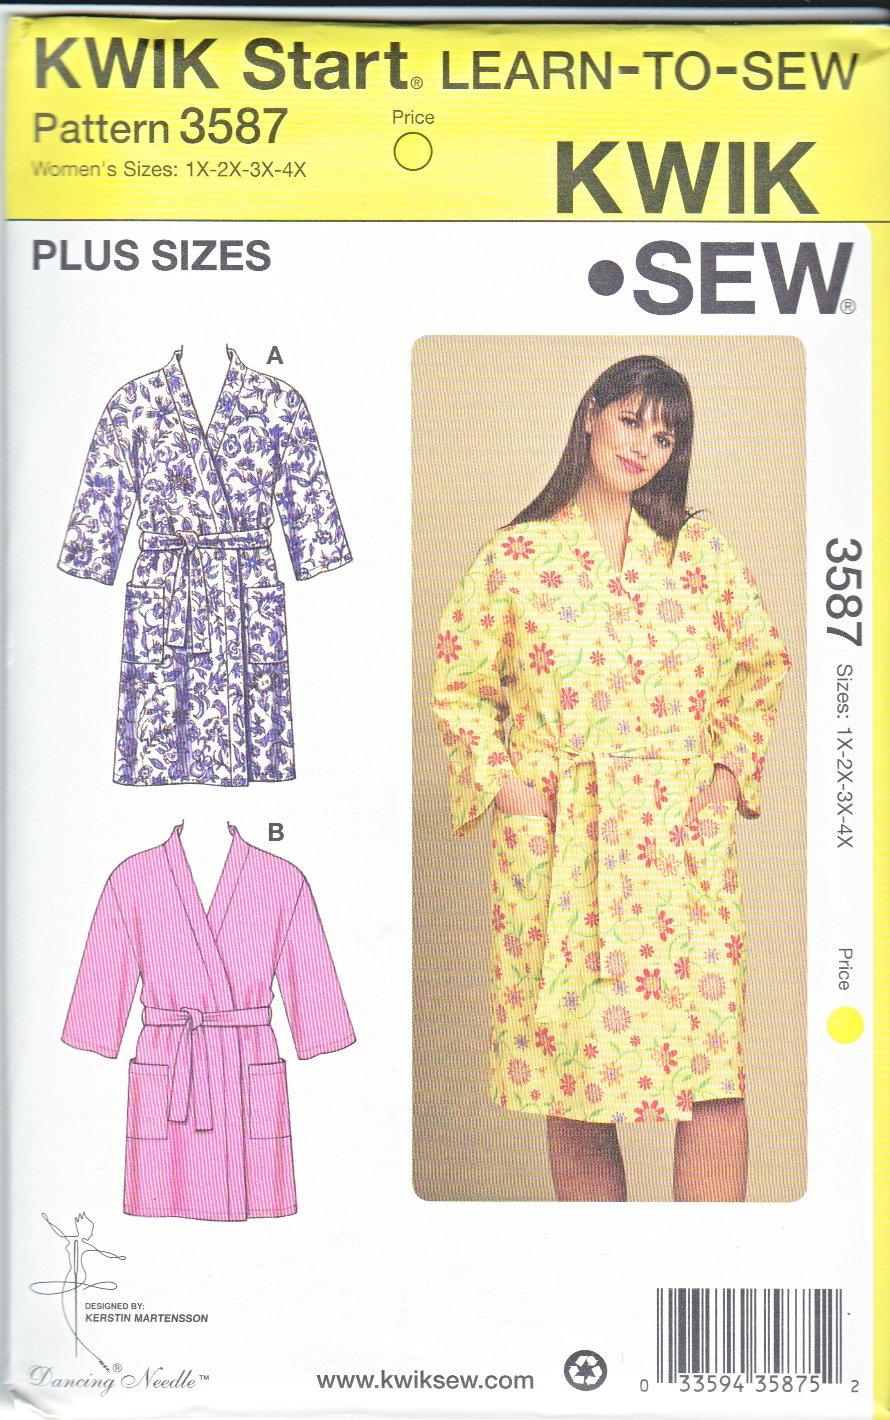 Kwik Sew Sewing Pattern 3587 Women's Plus Size 1X-4X (approx 22W-32W) Easy Front Wrap Robe